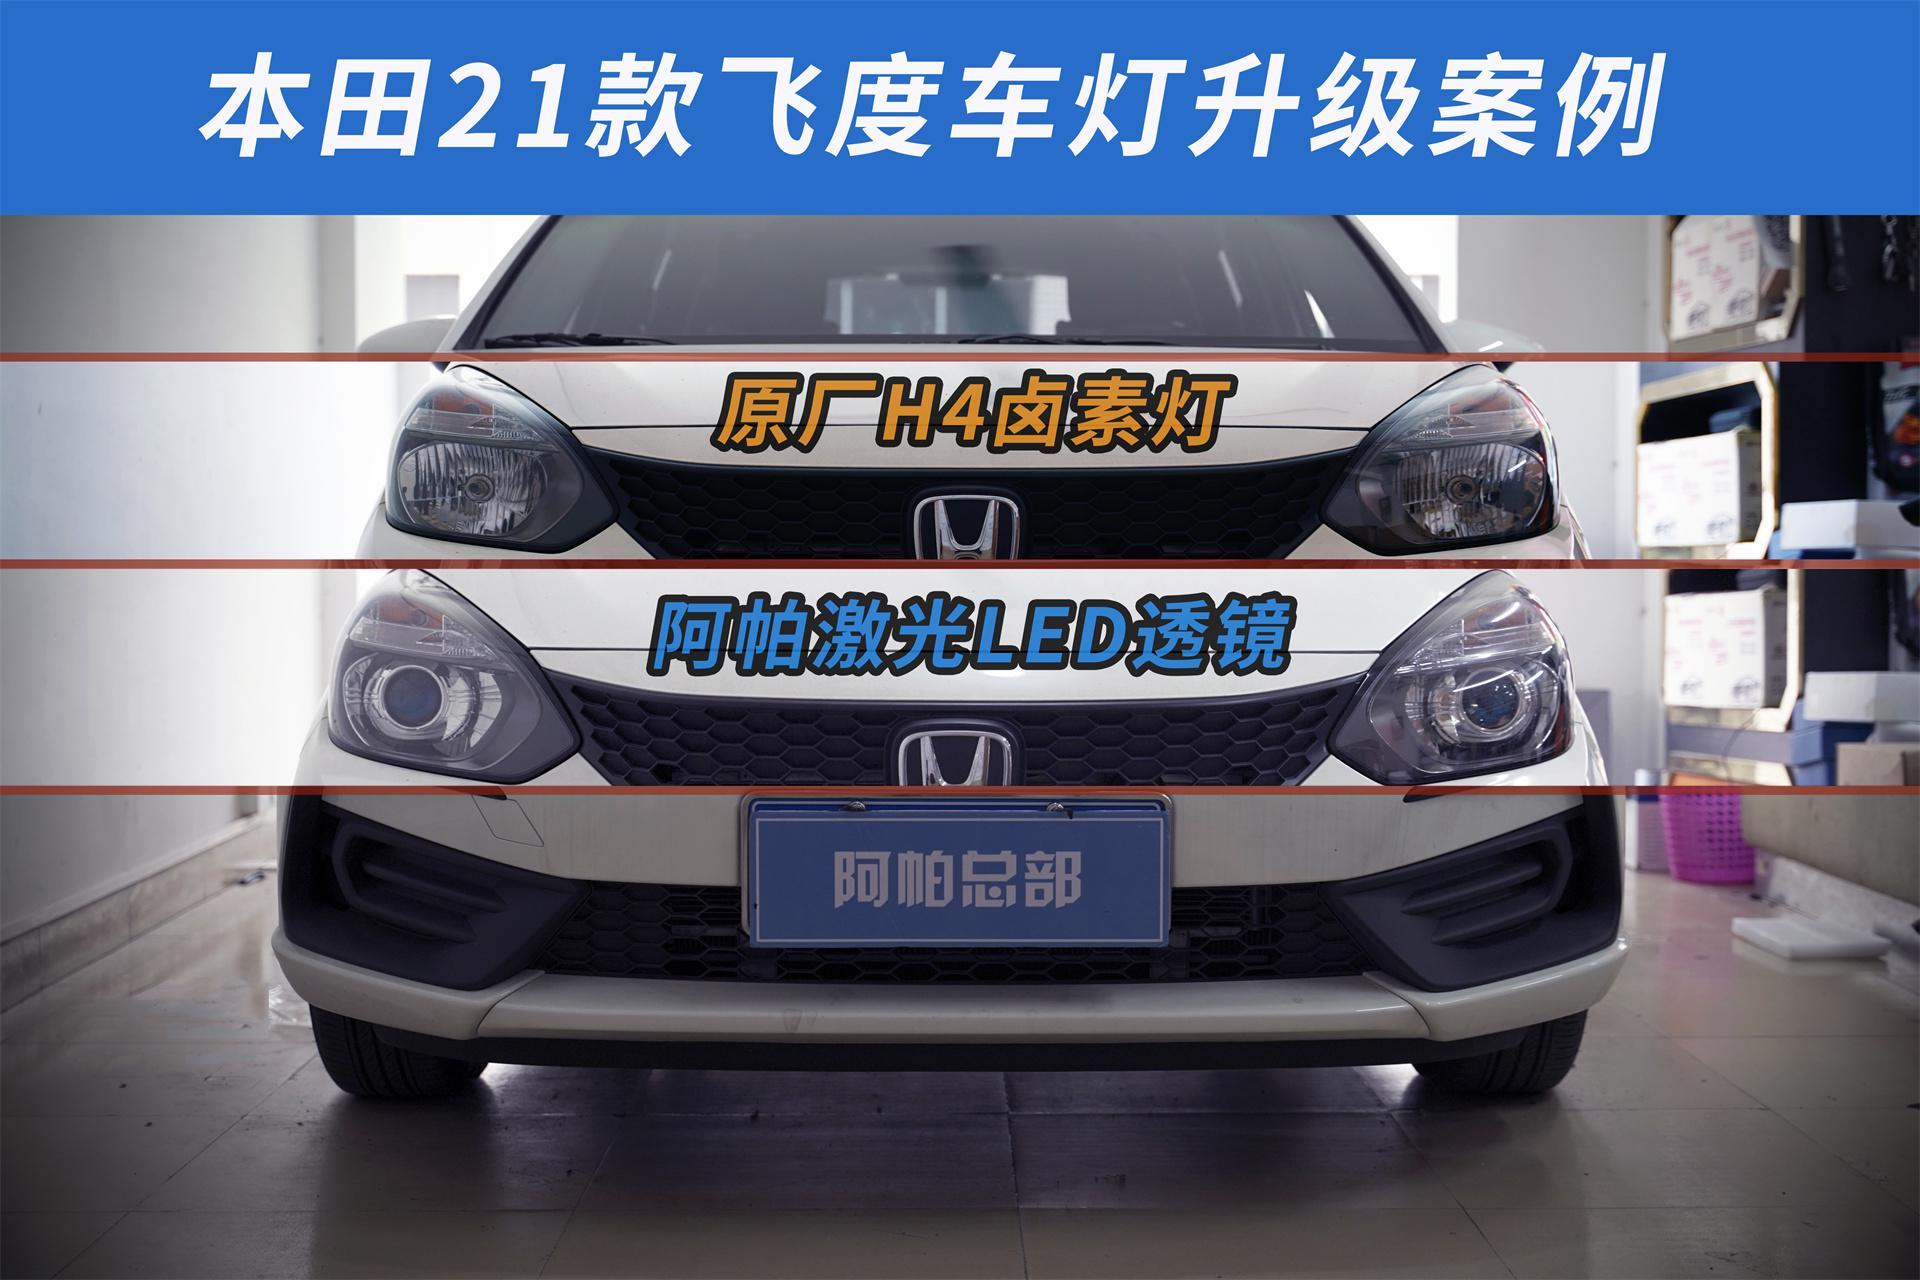 本田飞度GR9改灯案例分享,扔掉H4卤素大灯!升级激光LED透镜!